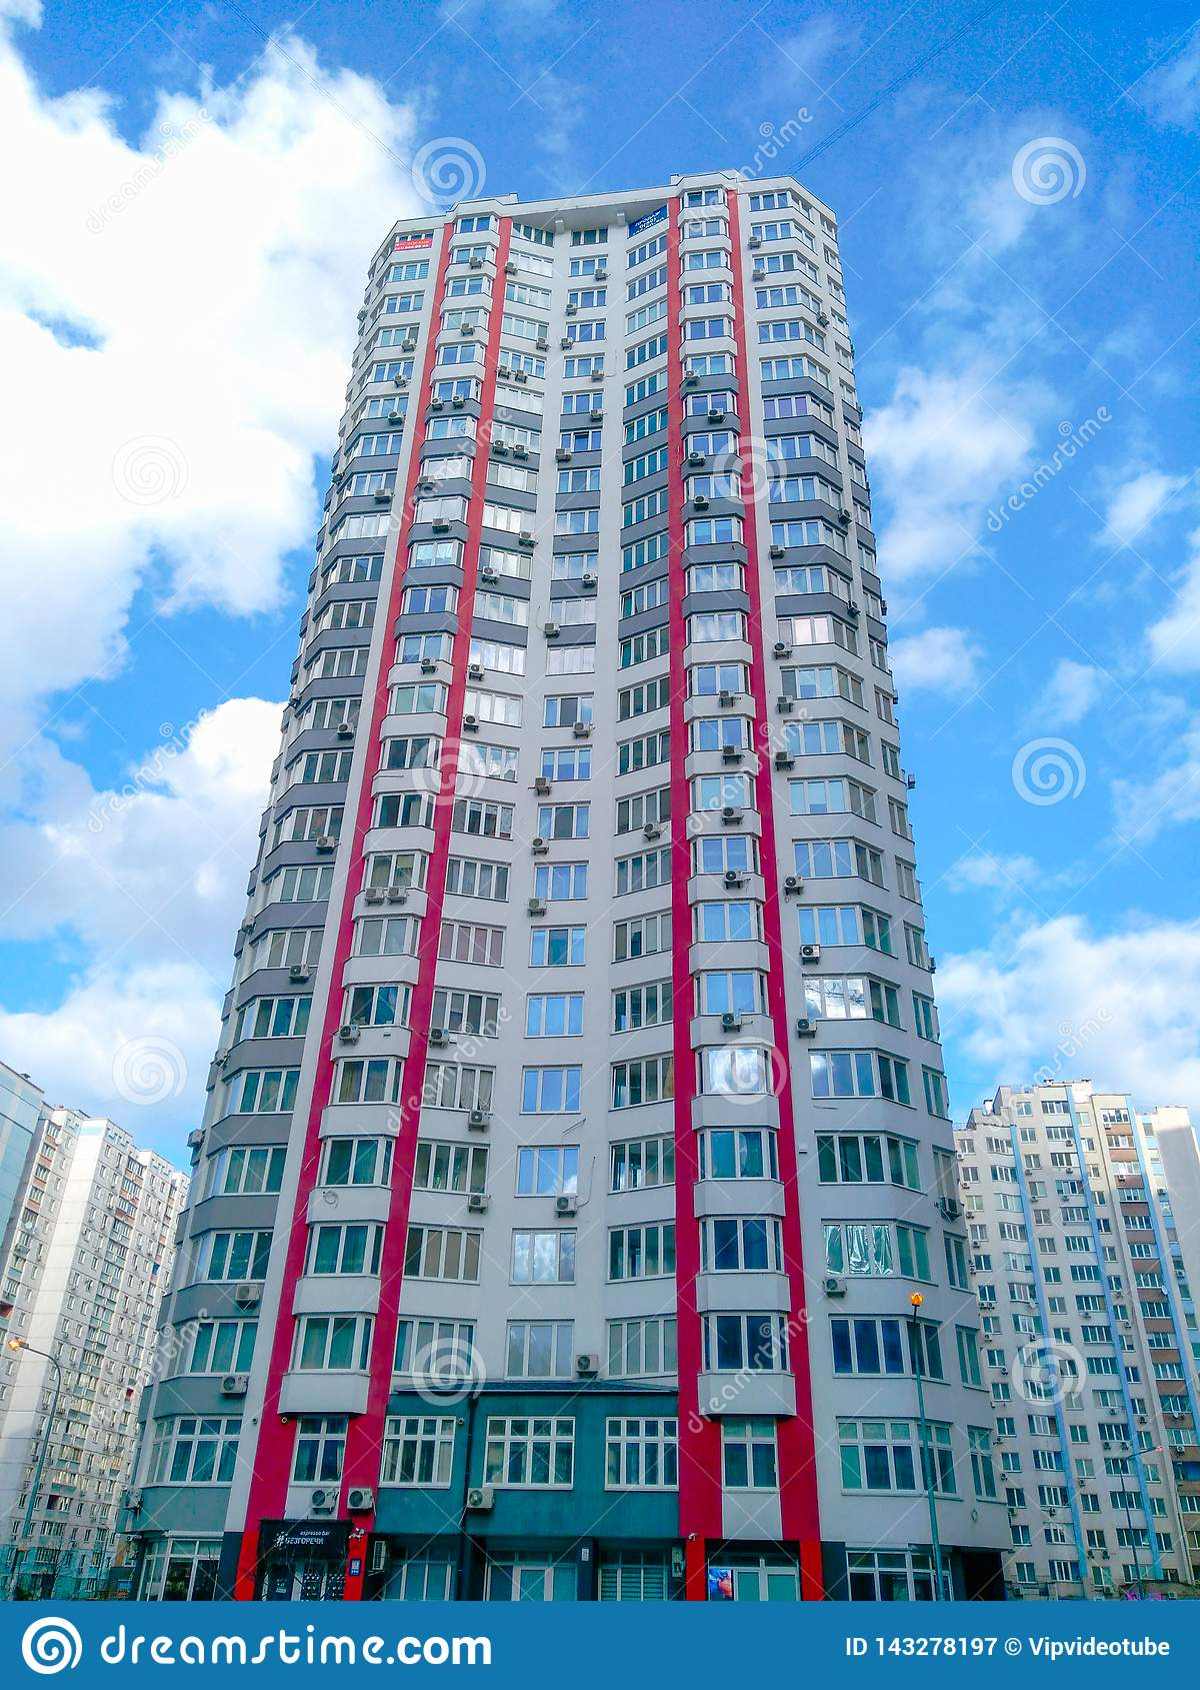 Многоэтажные здания и технология слова на облаках